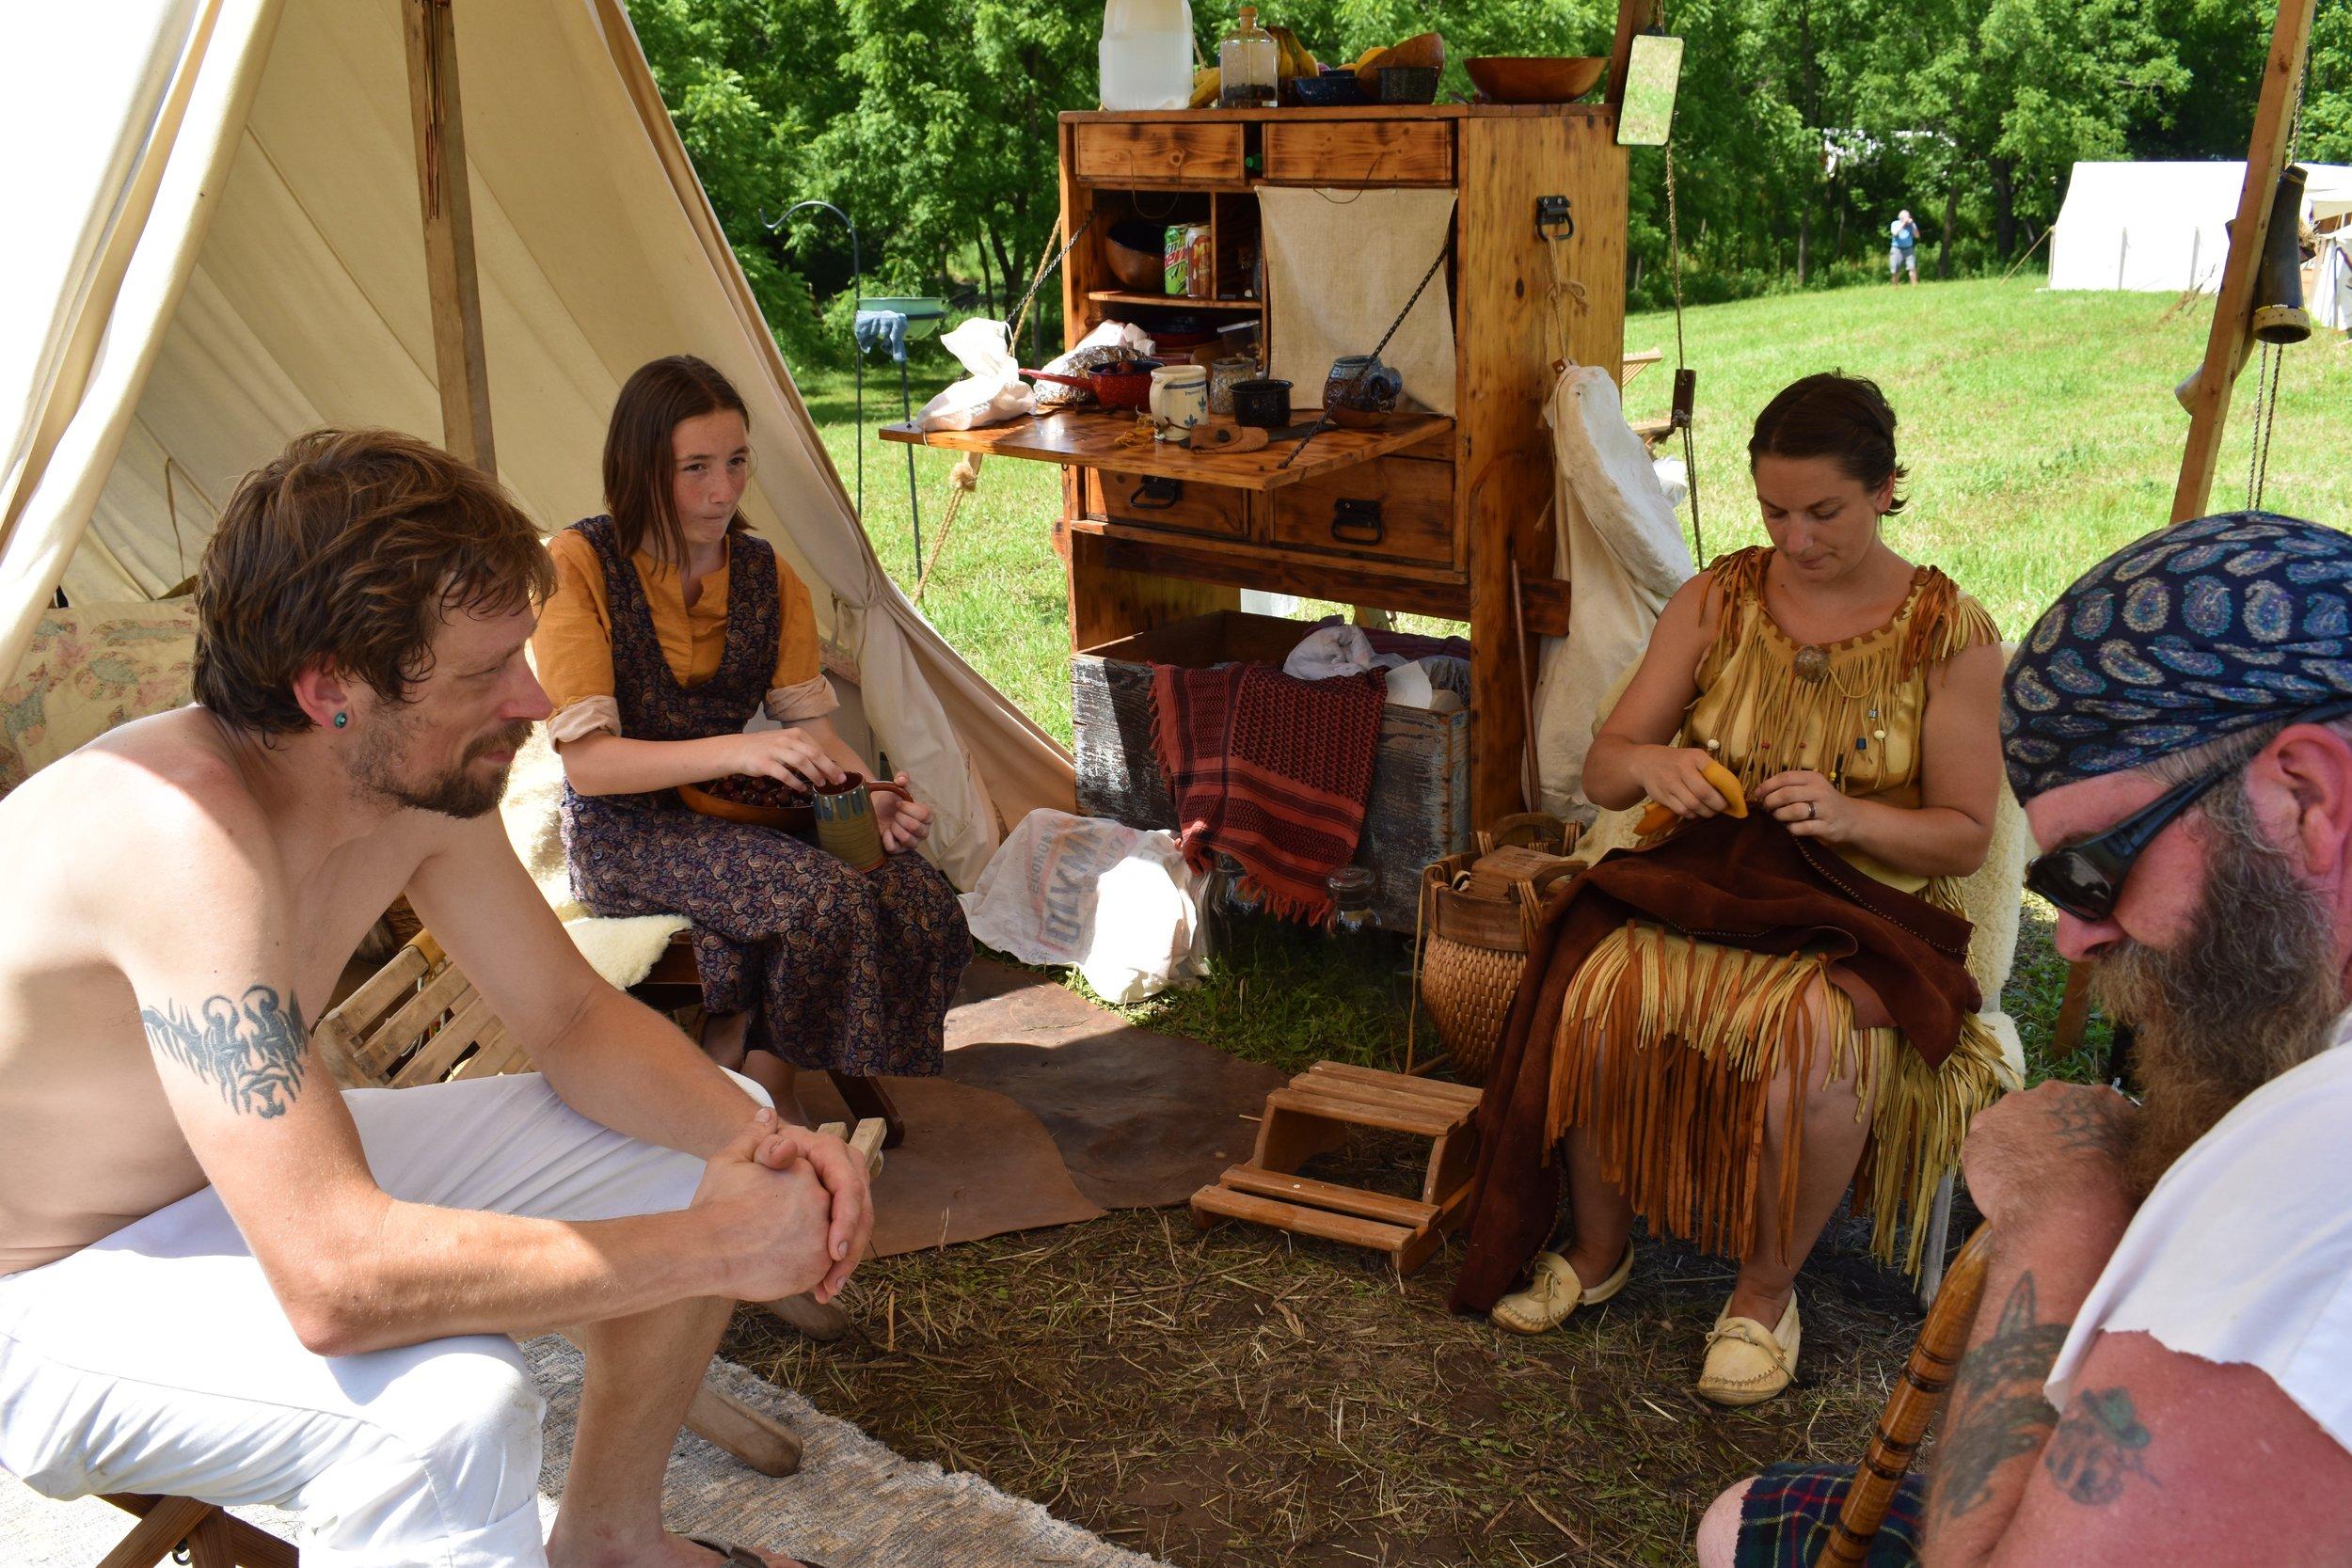 Pictured L-R - Brant Engfer, Haylee Vejoda, Jennifer Hund, and - Pat O'Brien